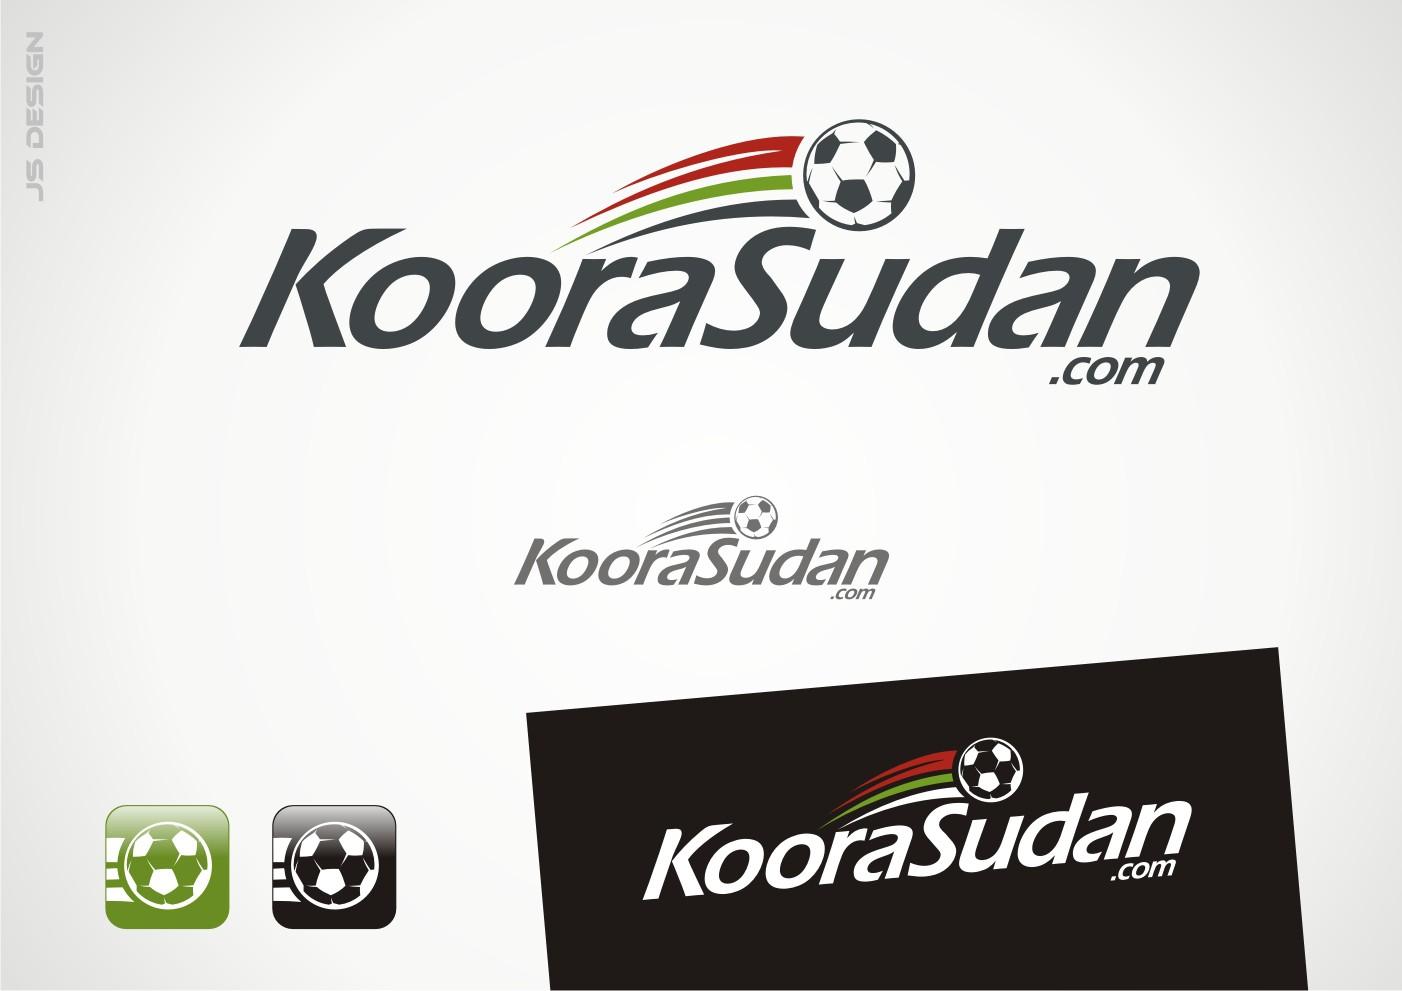 Logo for a soccer website (Koora Sudan)